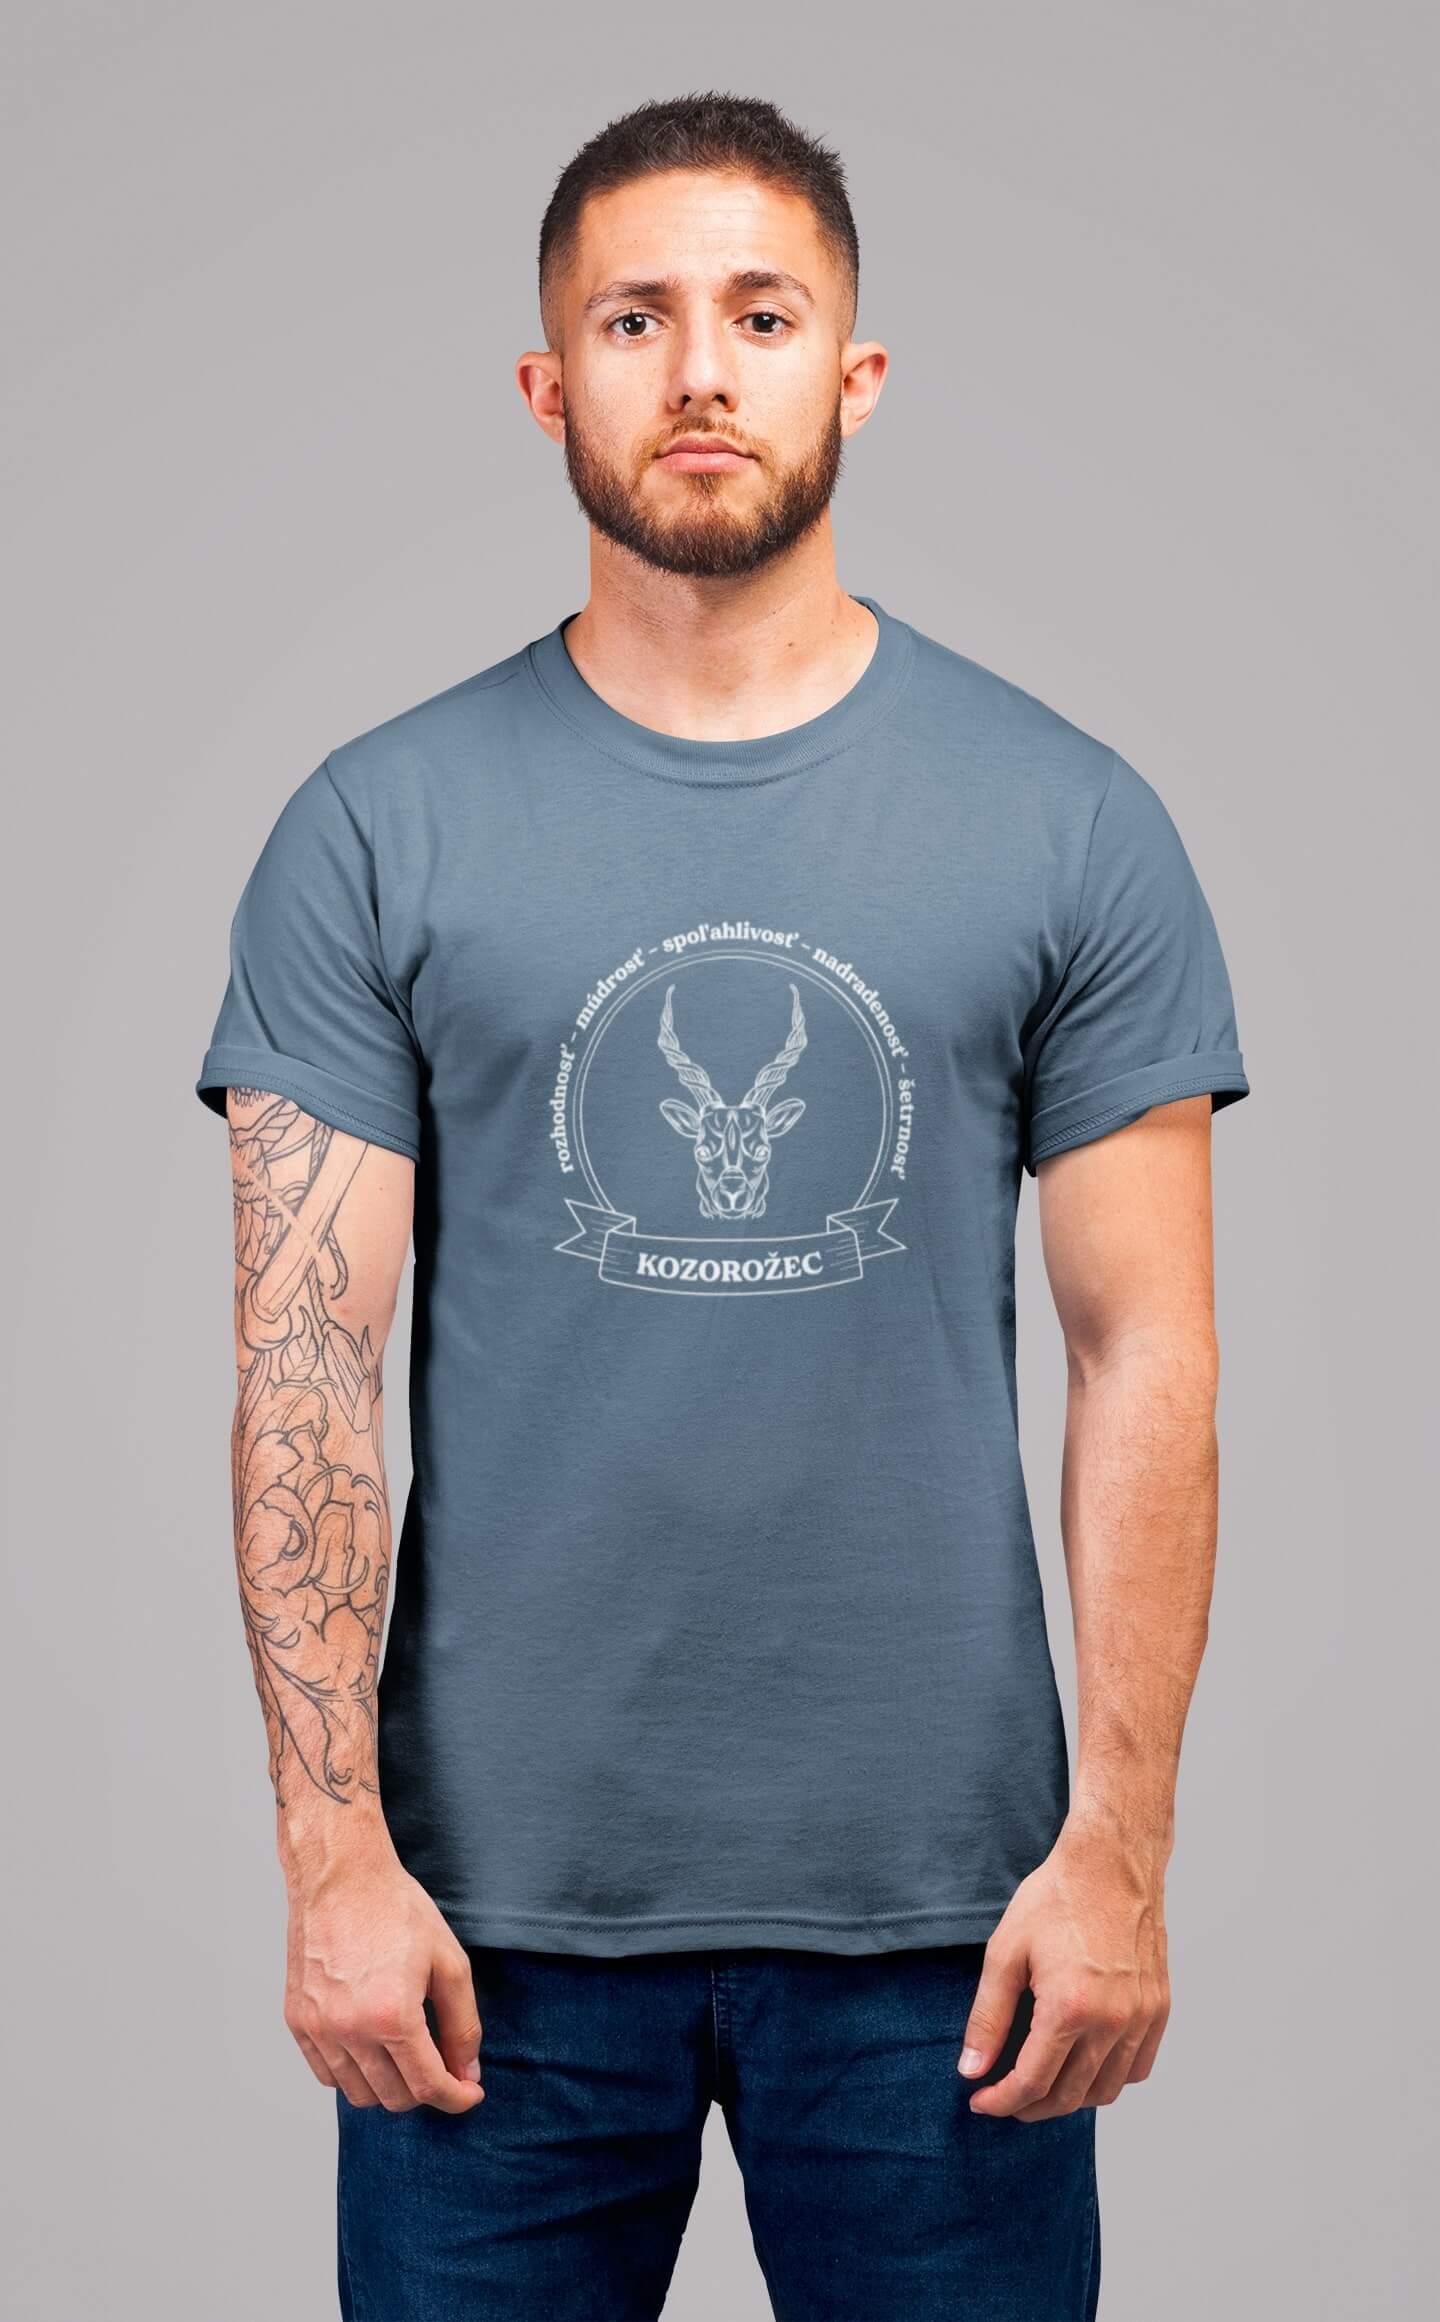 MMO Pánske tričko Kozorožec Vyberte farbu: Denim, Vyberte veľkosť: XS